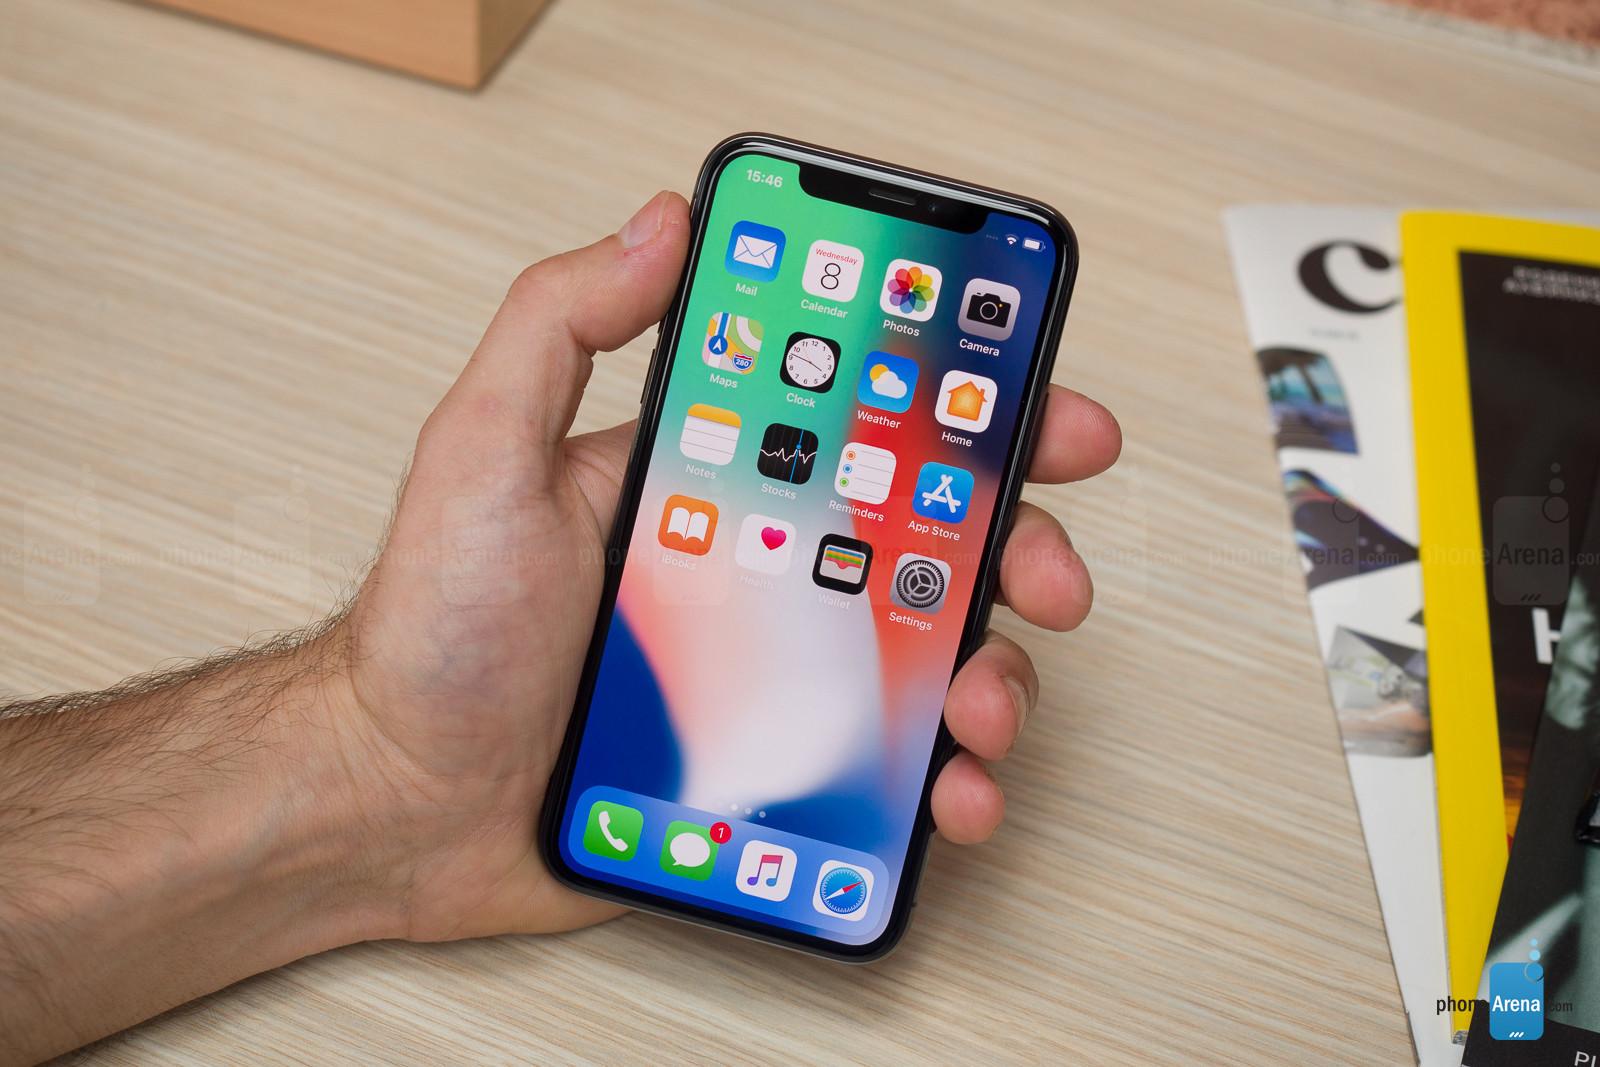 Numër mbresëlënës: A e dini sa njerëz në botë përdorin iPhone?